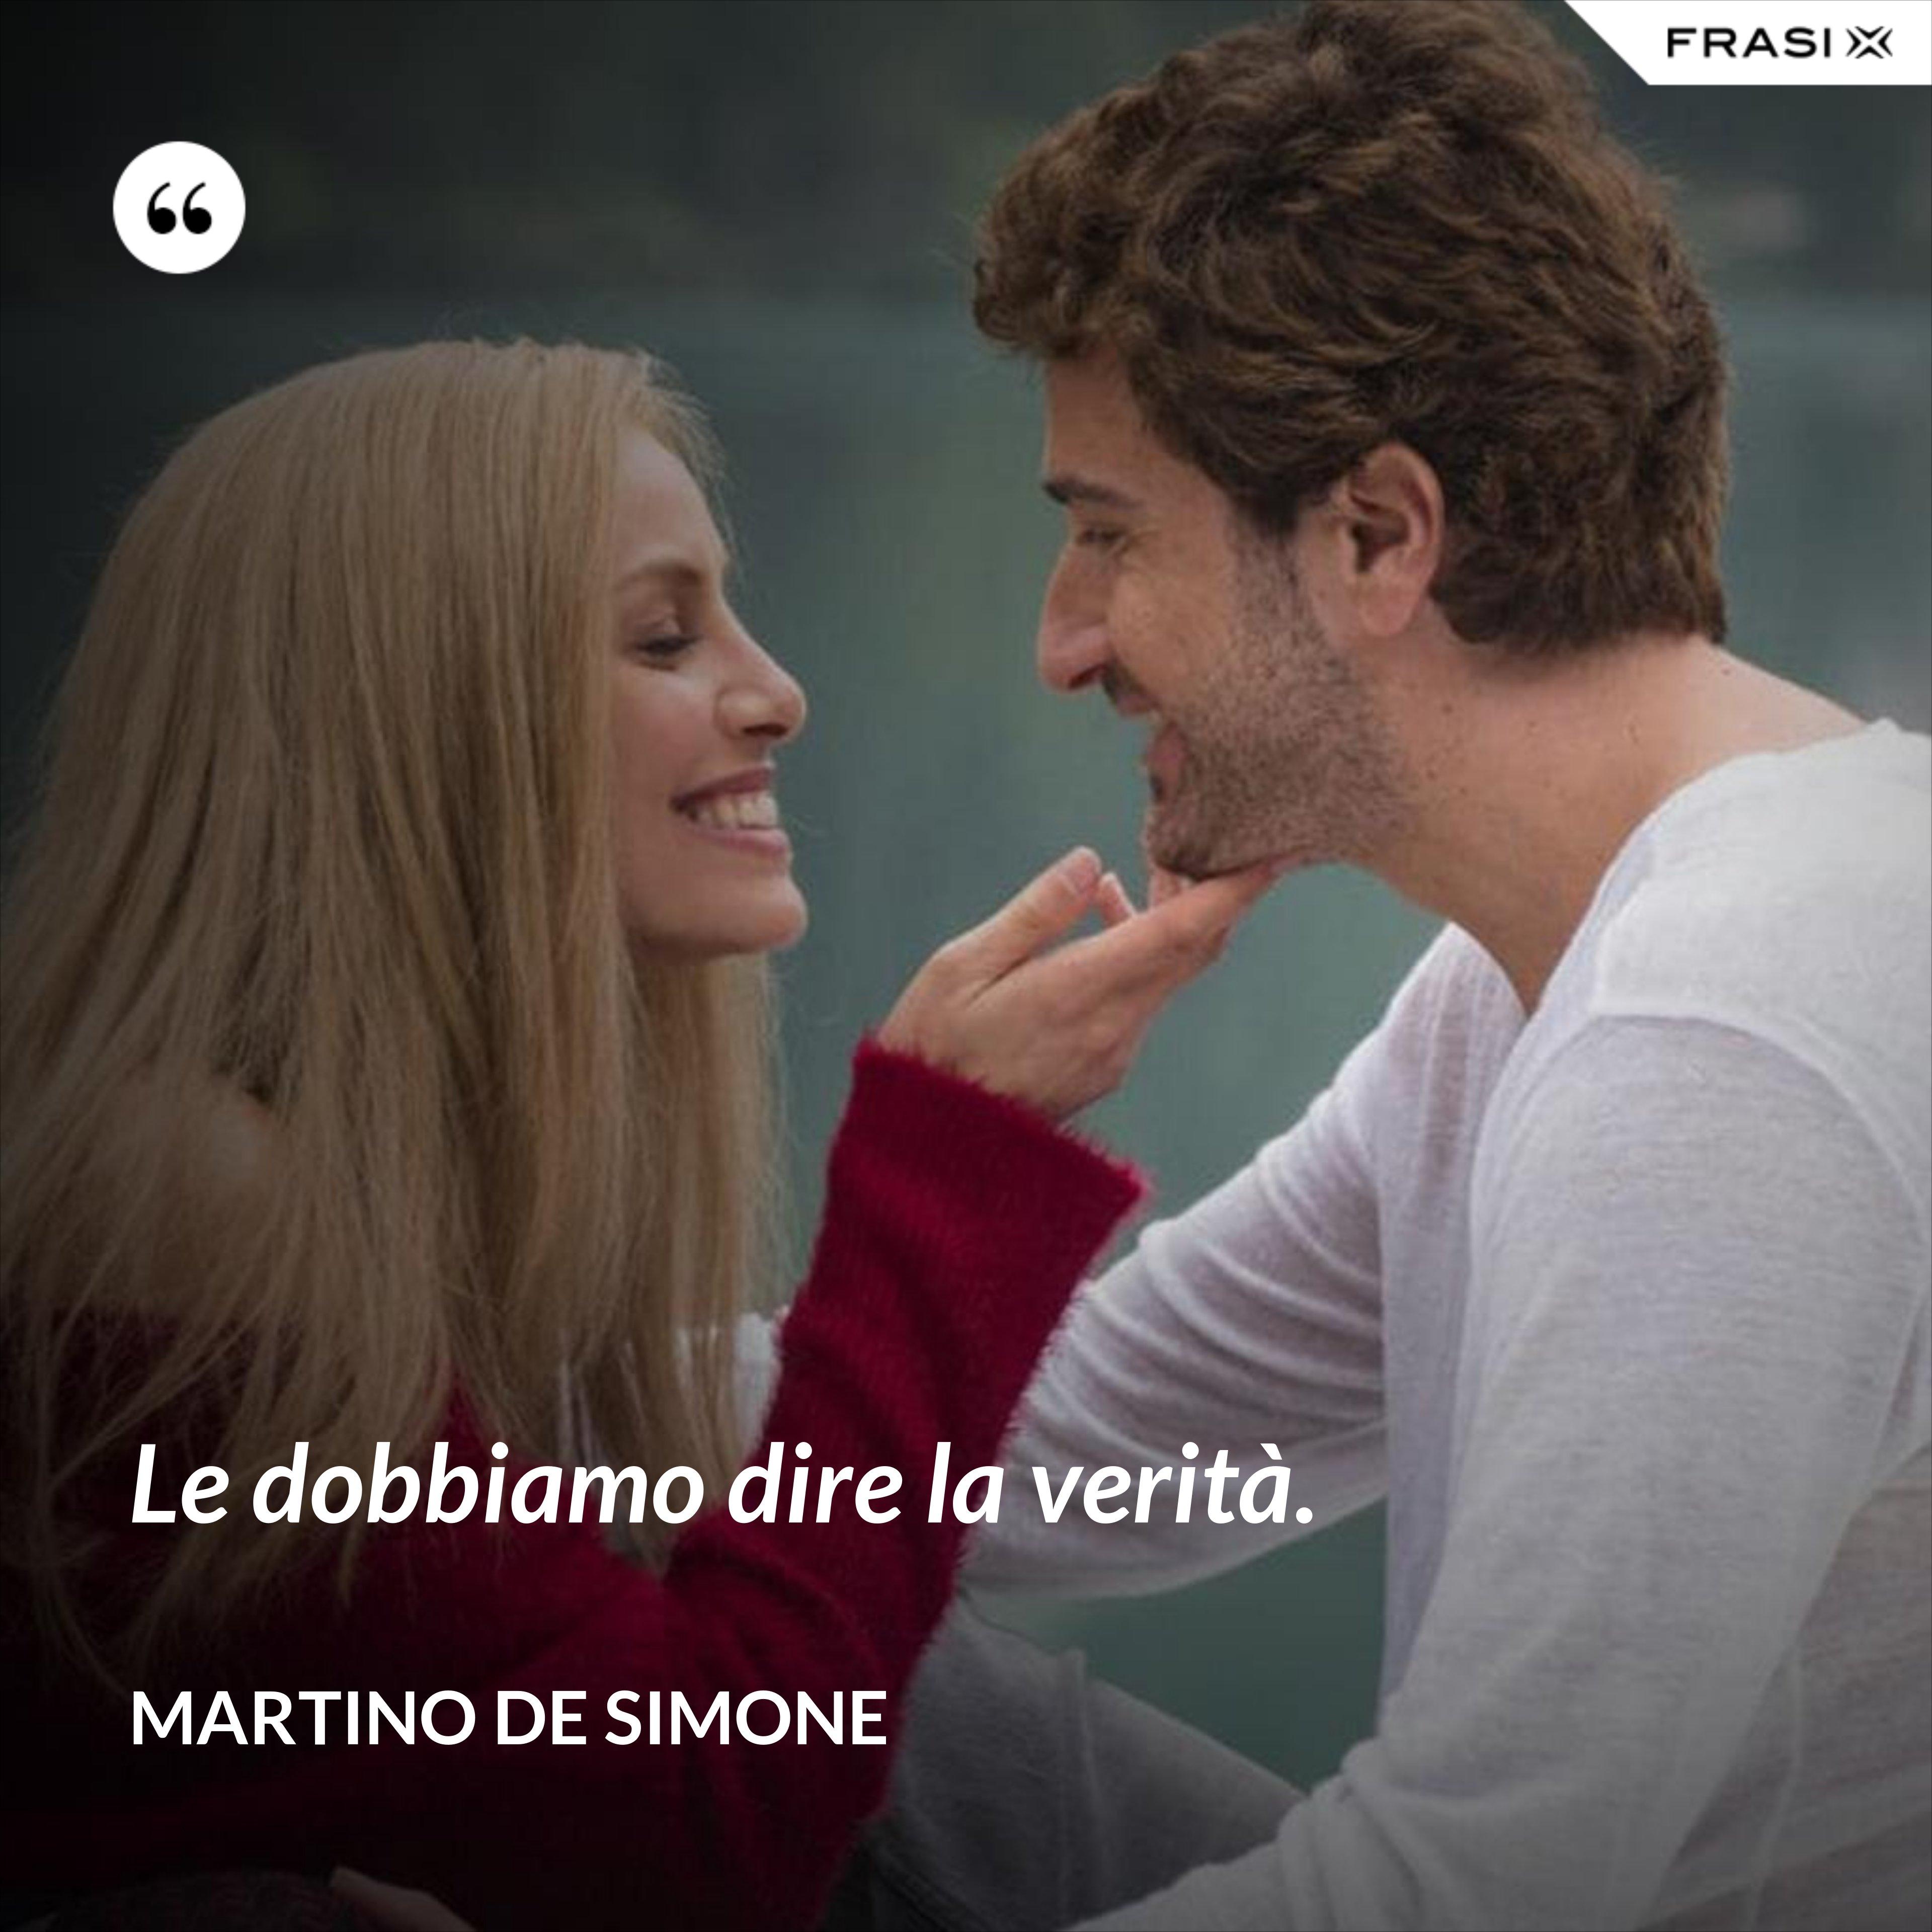 Le dobbiamo dire la verità. - Martino De Simone